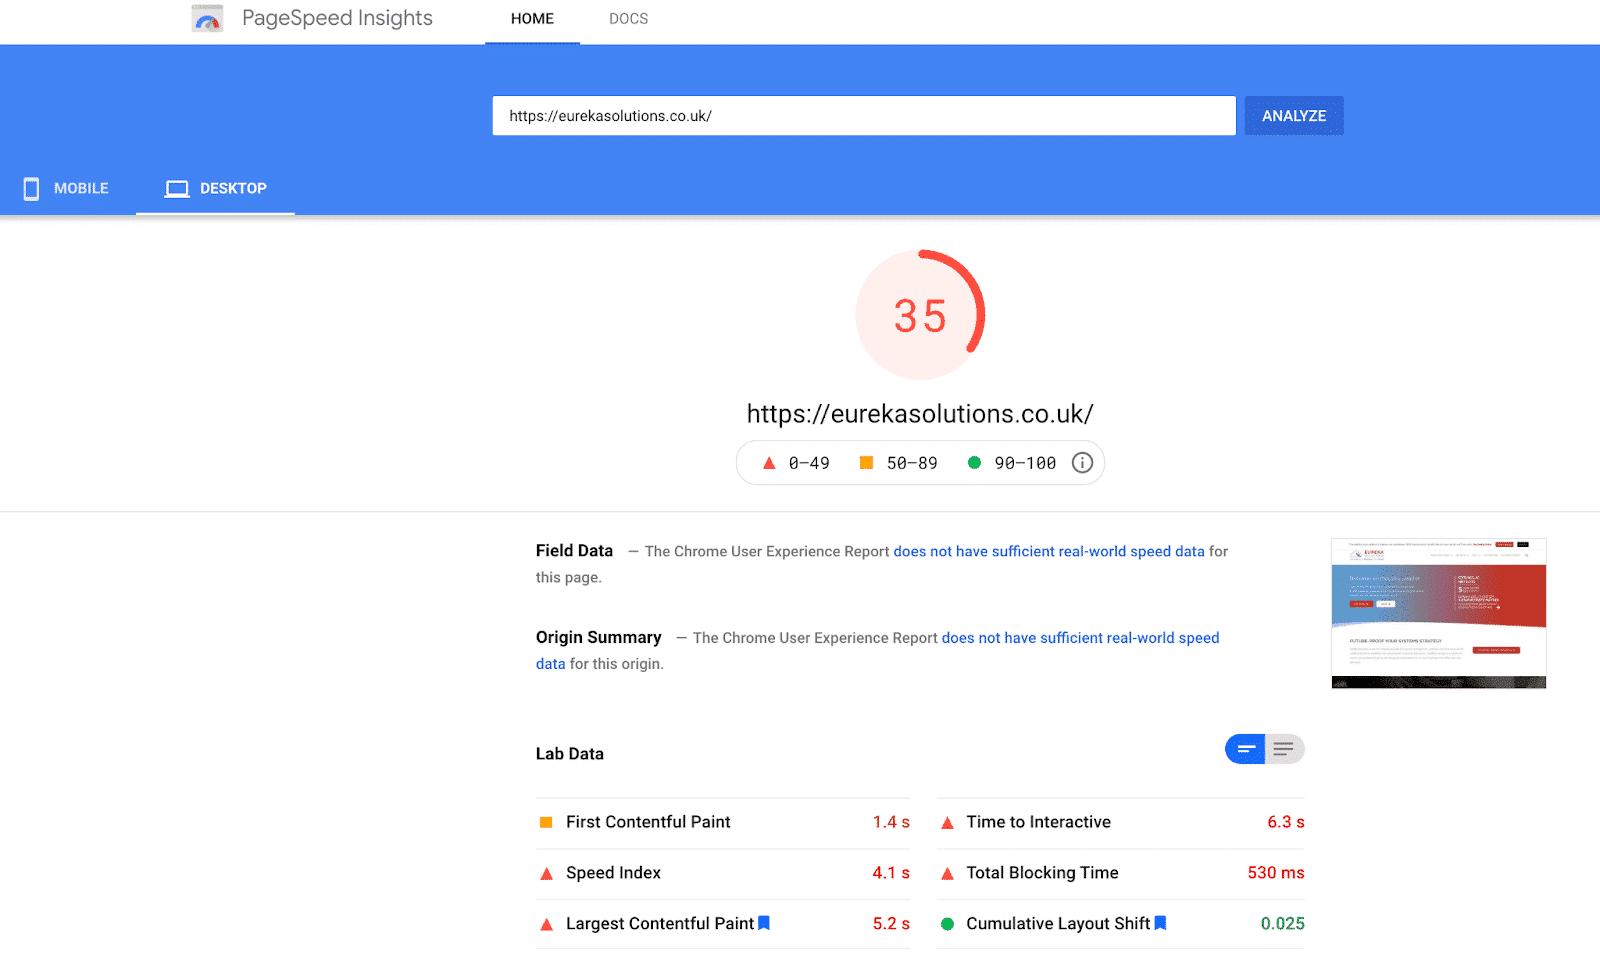 PageSpeed score from desktop